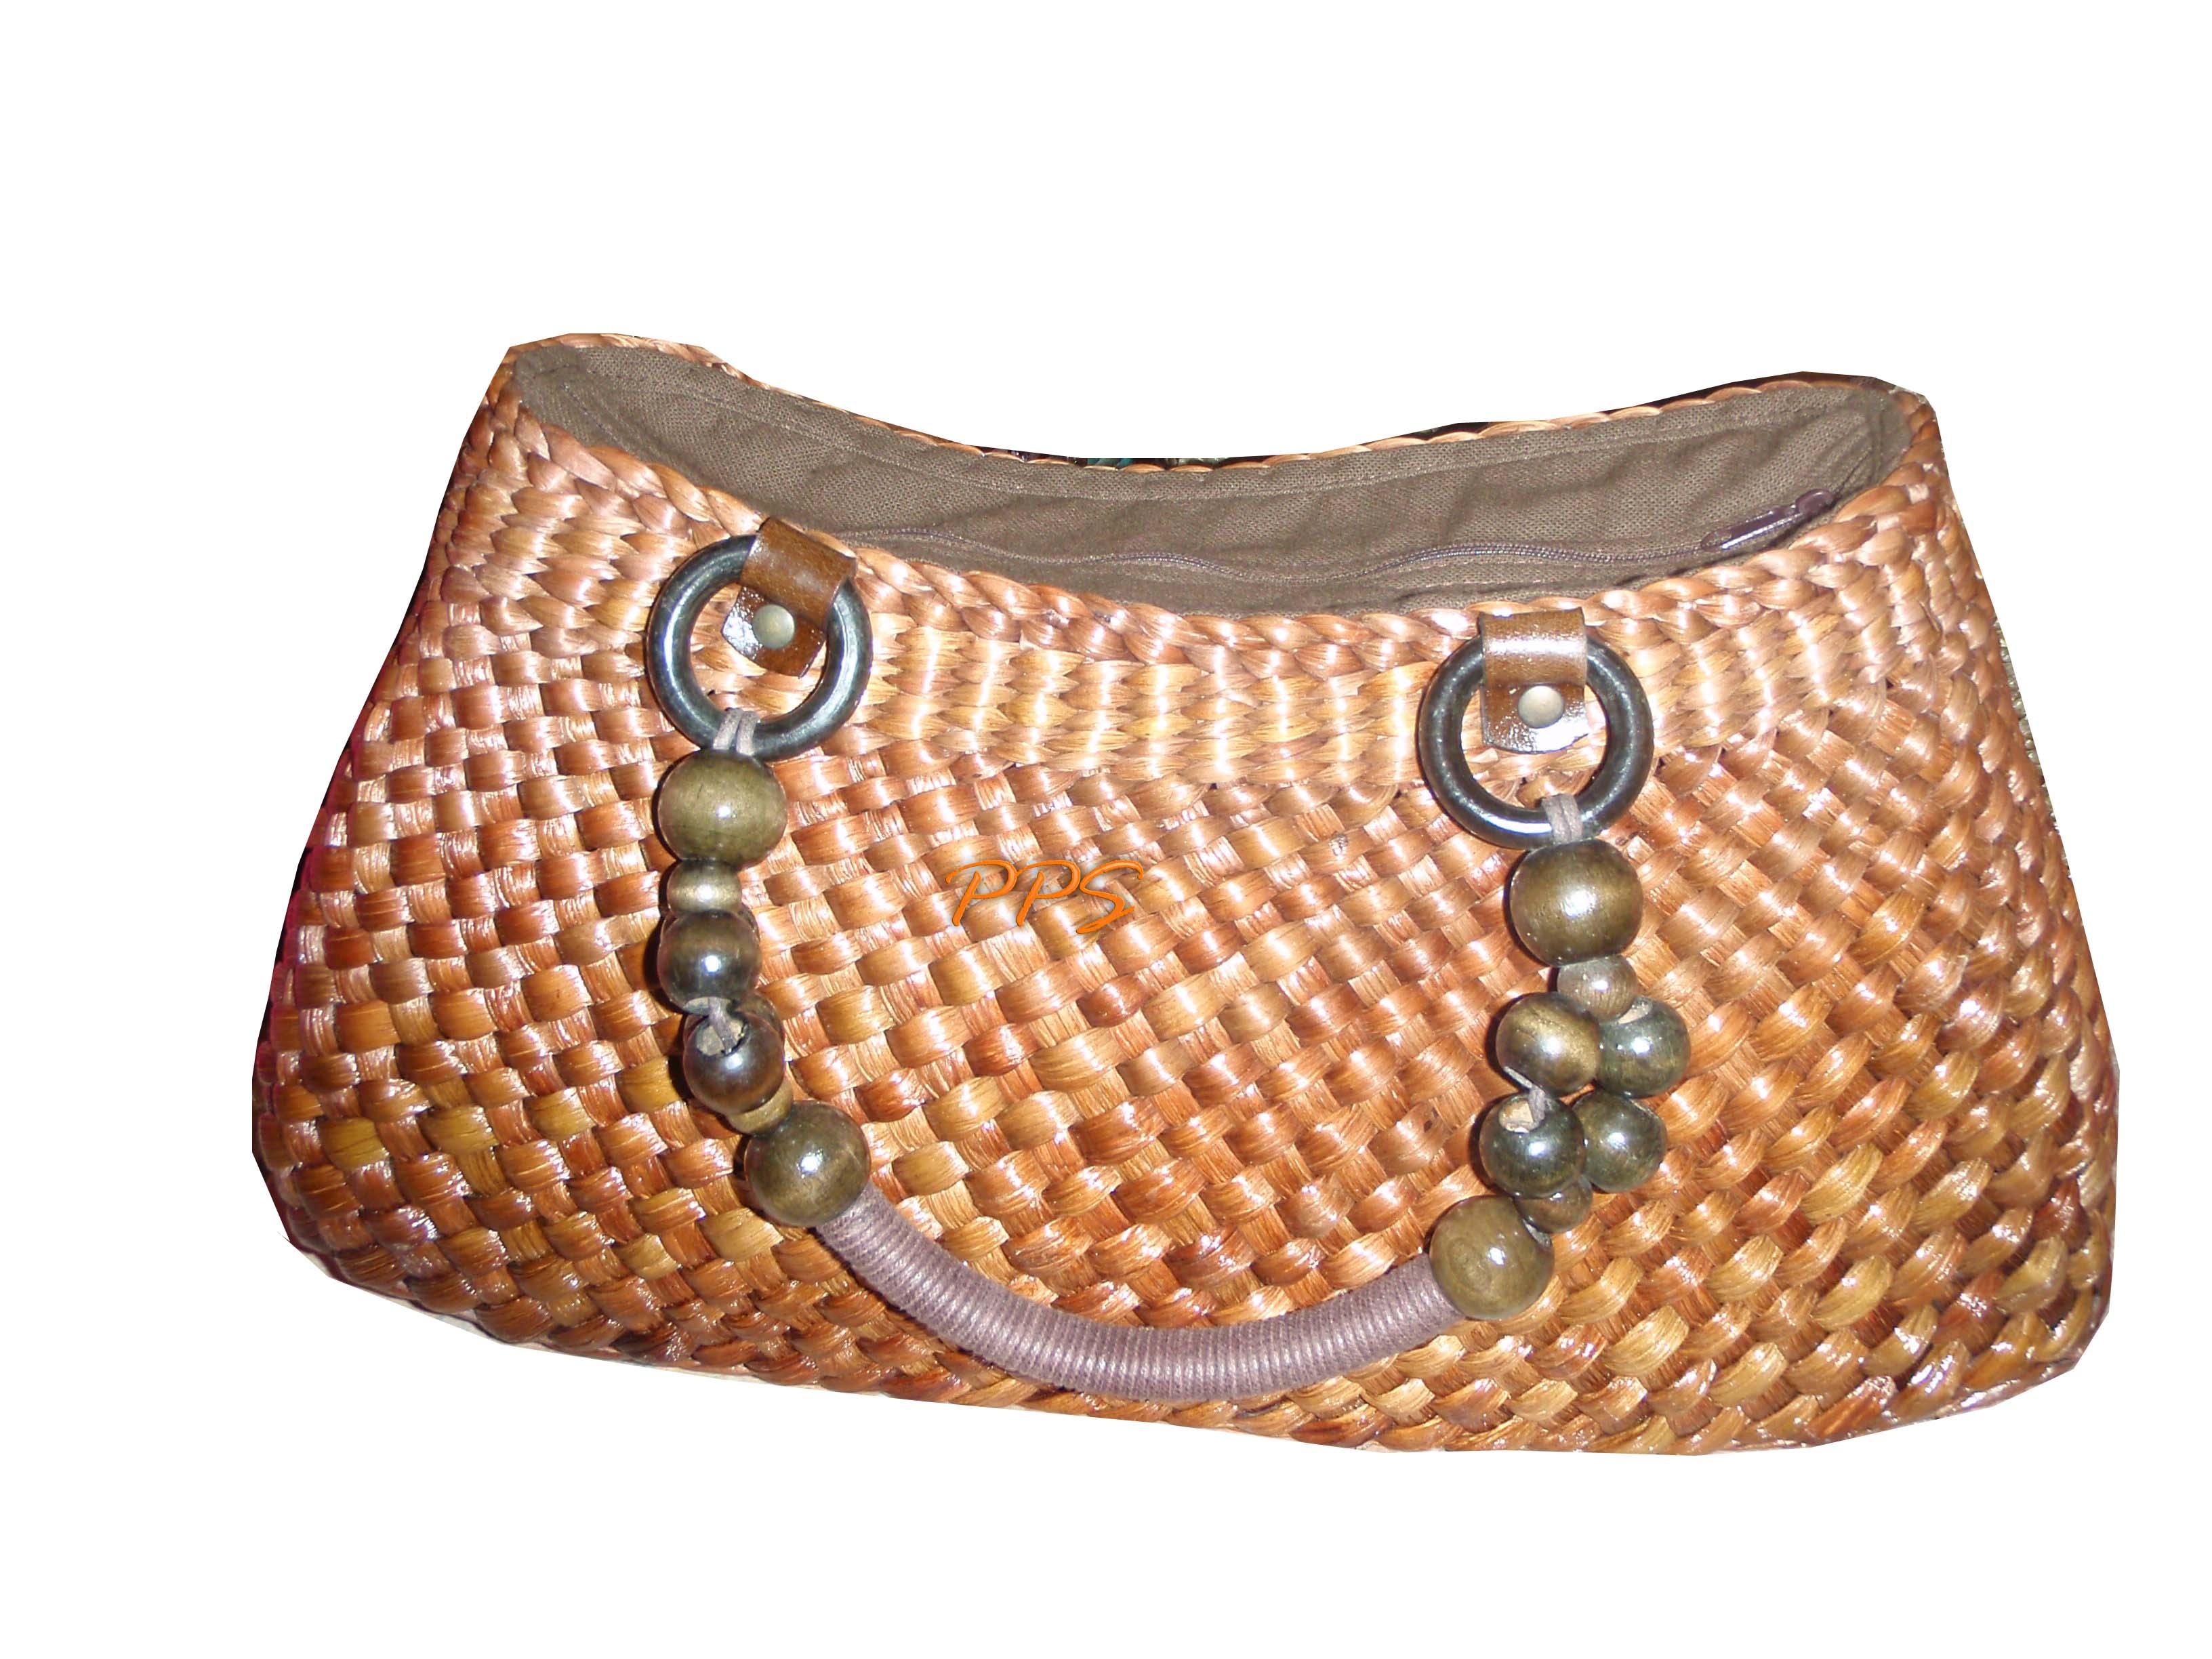 Hyacinth Bag-PPS Bag brand29